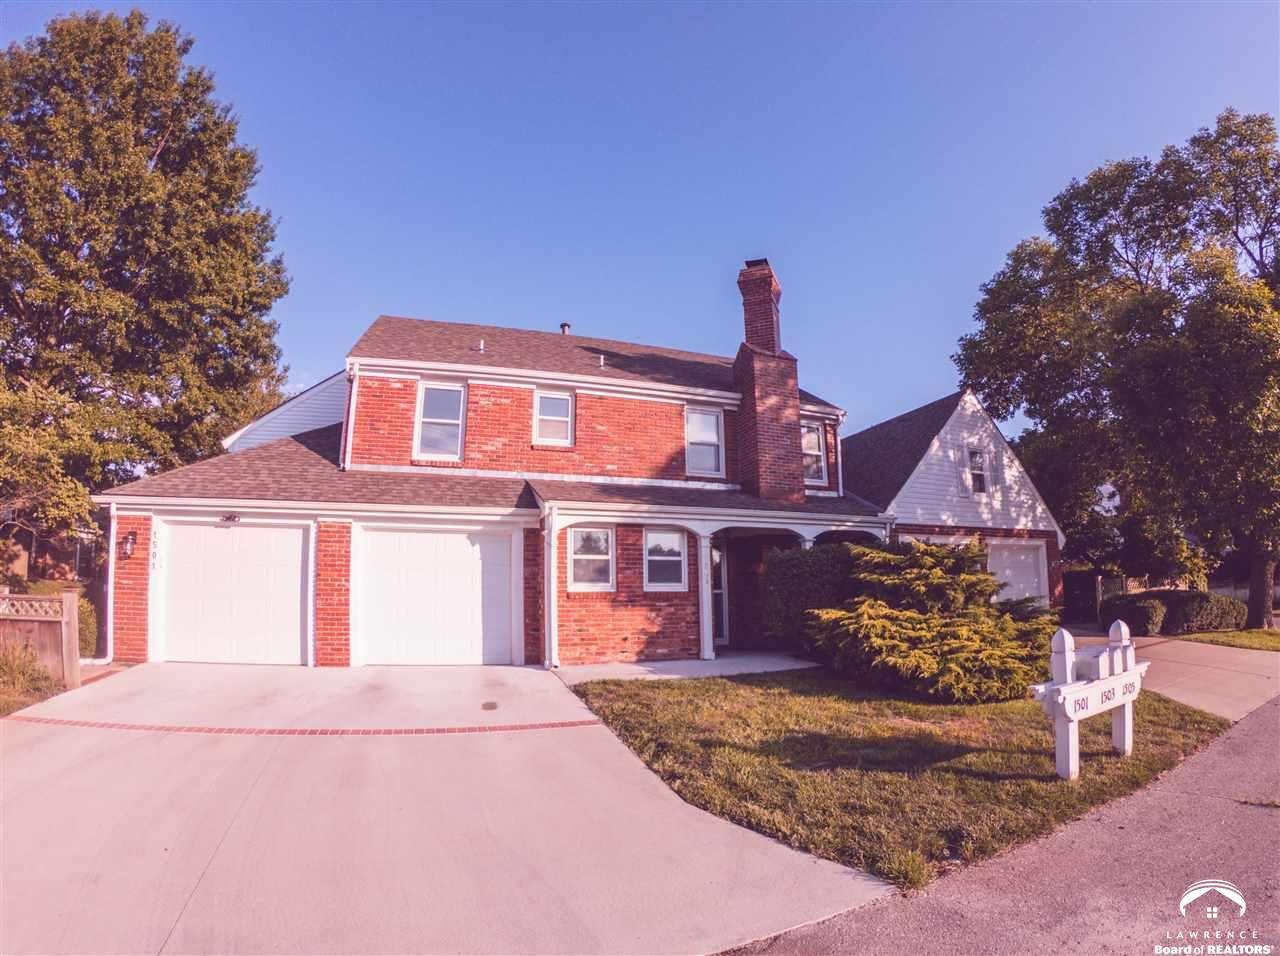 1503 Crossgate, Lawrence, KS 66047 - MLS#: 150417